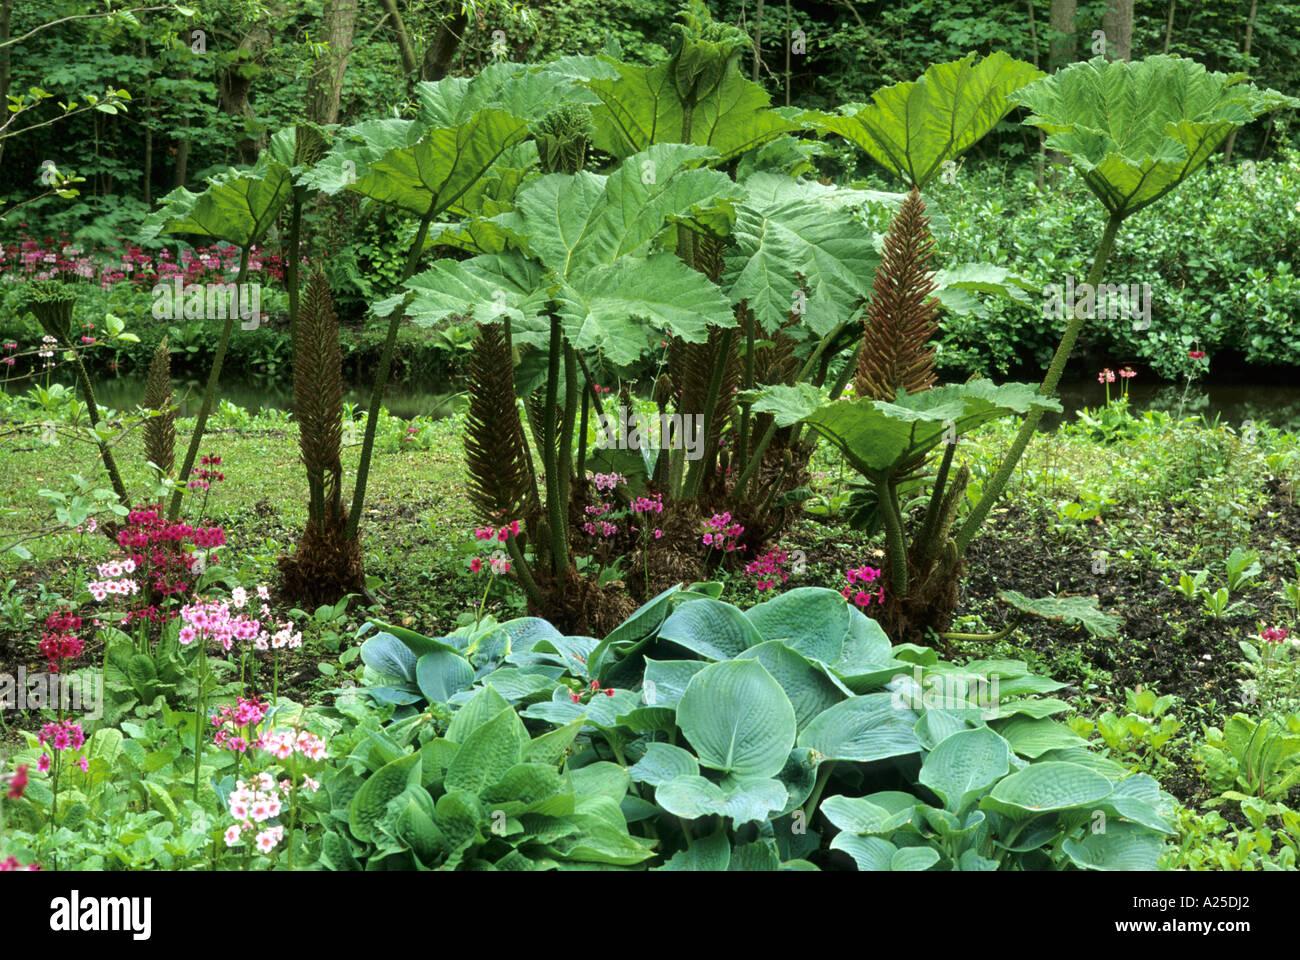 Gunnera ,Primula, Hosta, Bog Garden, Fairhaven Water Garden, Norfolk, Plants,  Flowers, Horticulture Gardens